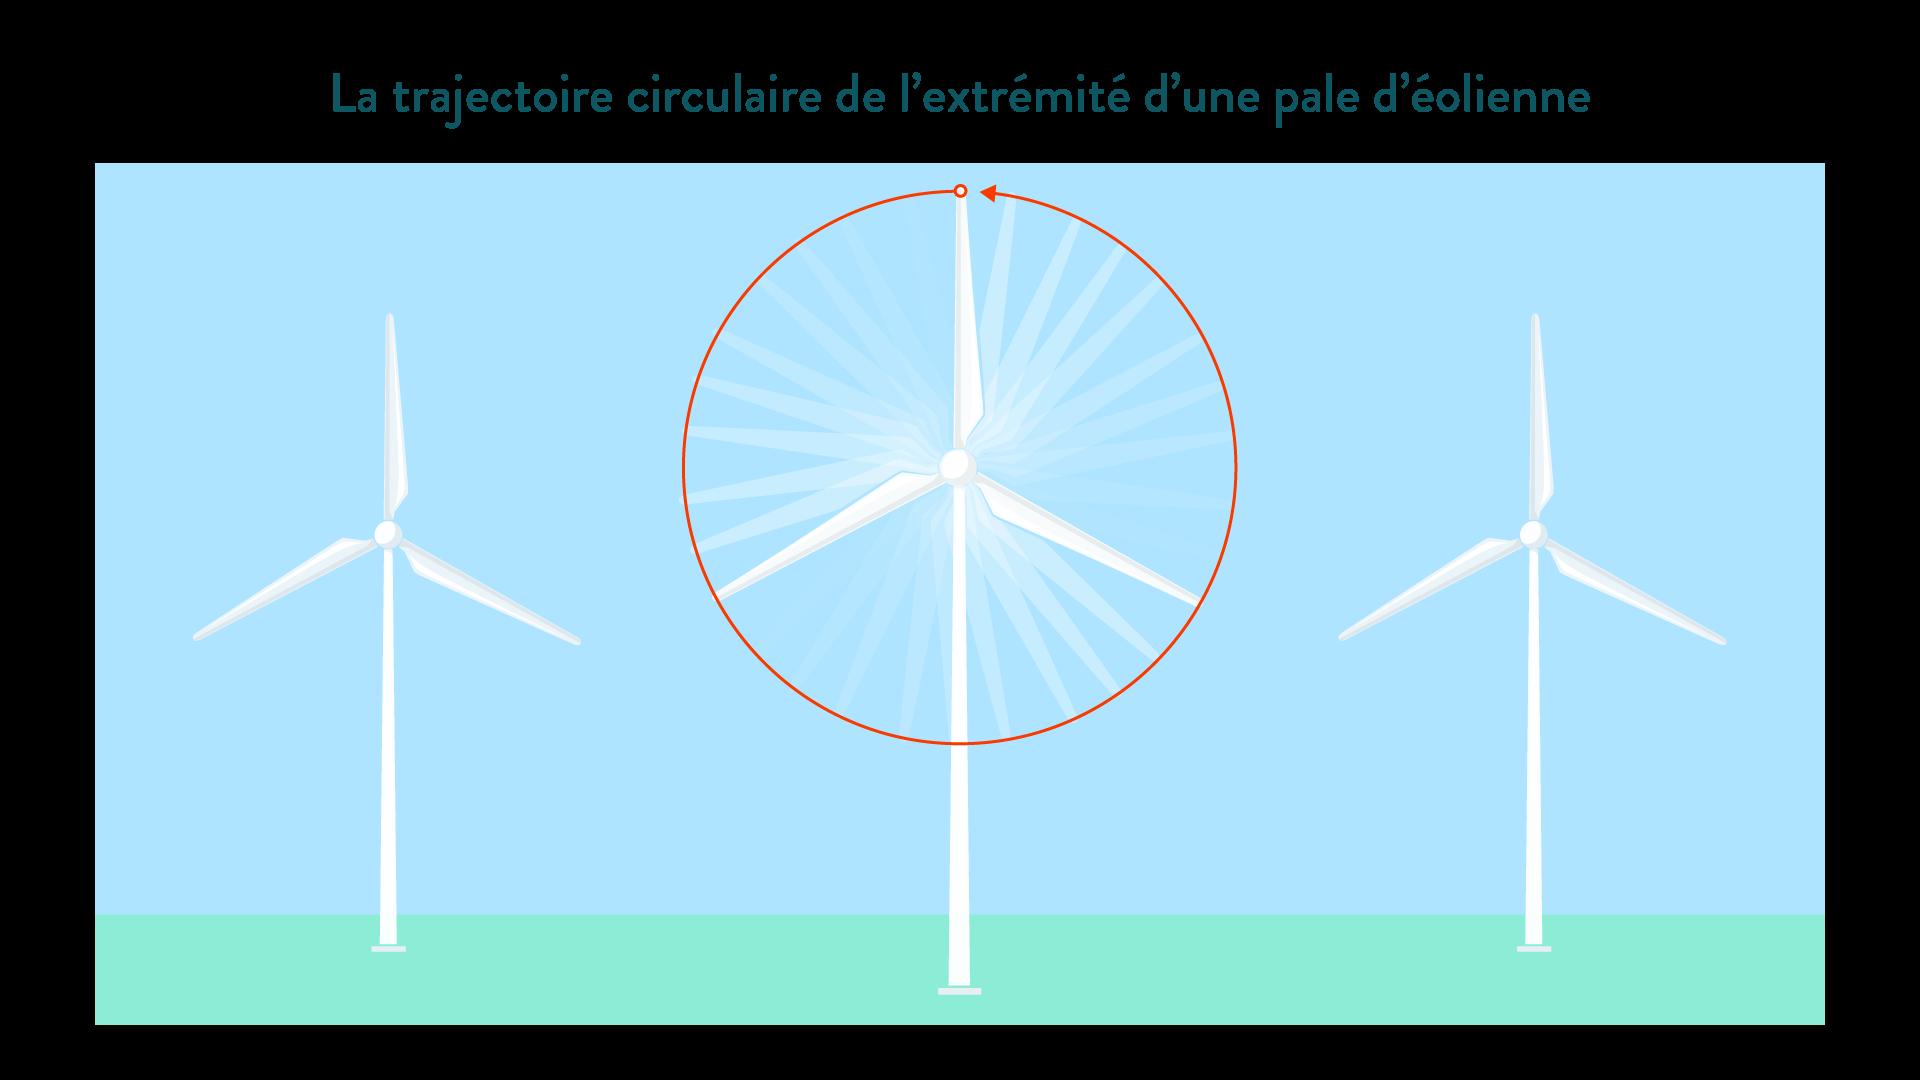 Trajectoire circulaire de l'extrémité de la pale d'une éolienne physique chimie 6eme schoolmouv